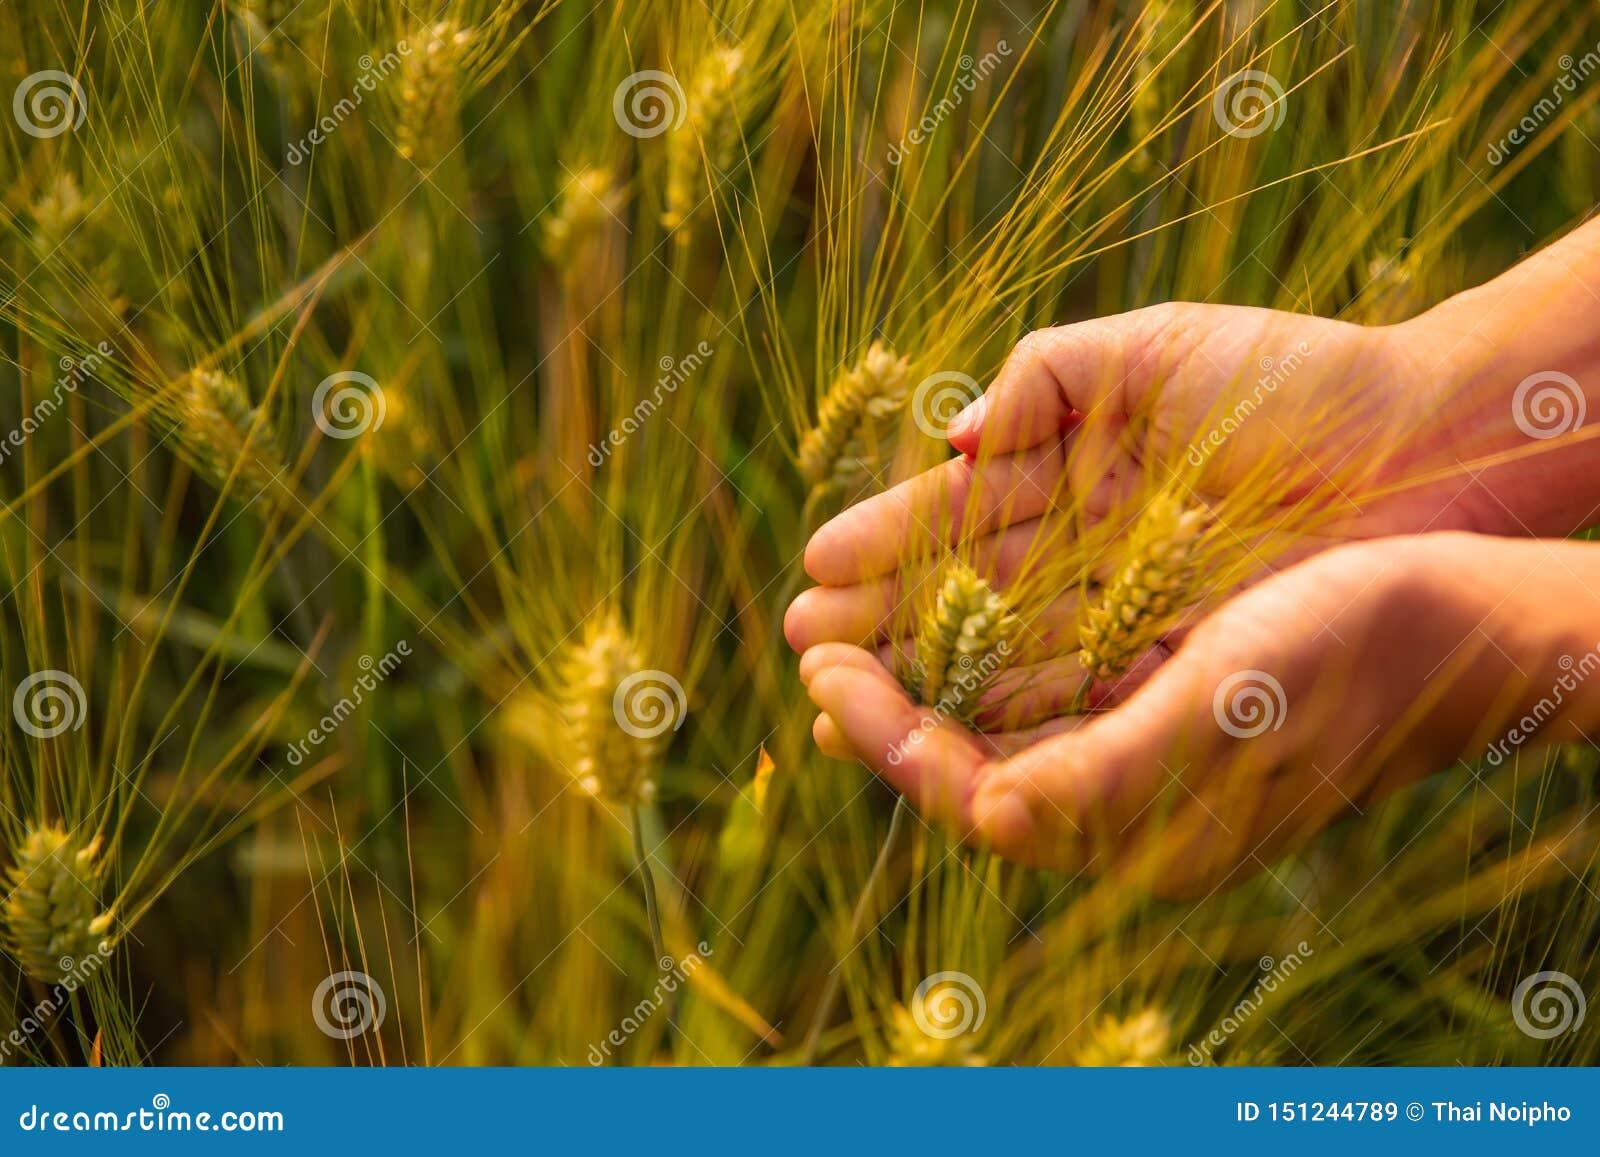 Chiuda su di due mani che tengono le punte dorate del grano sul campo